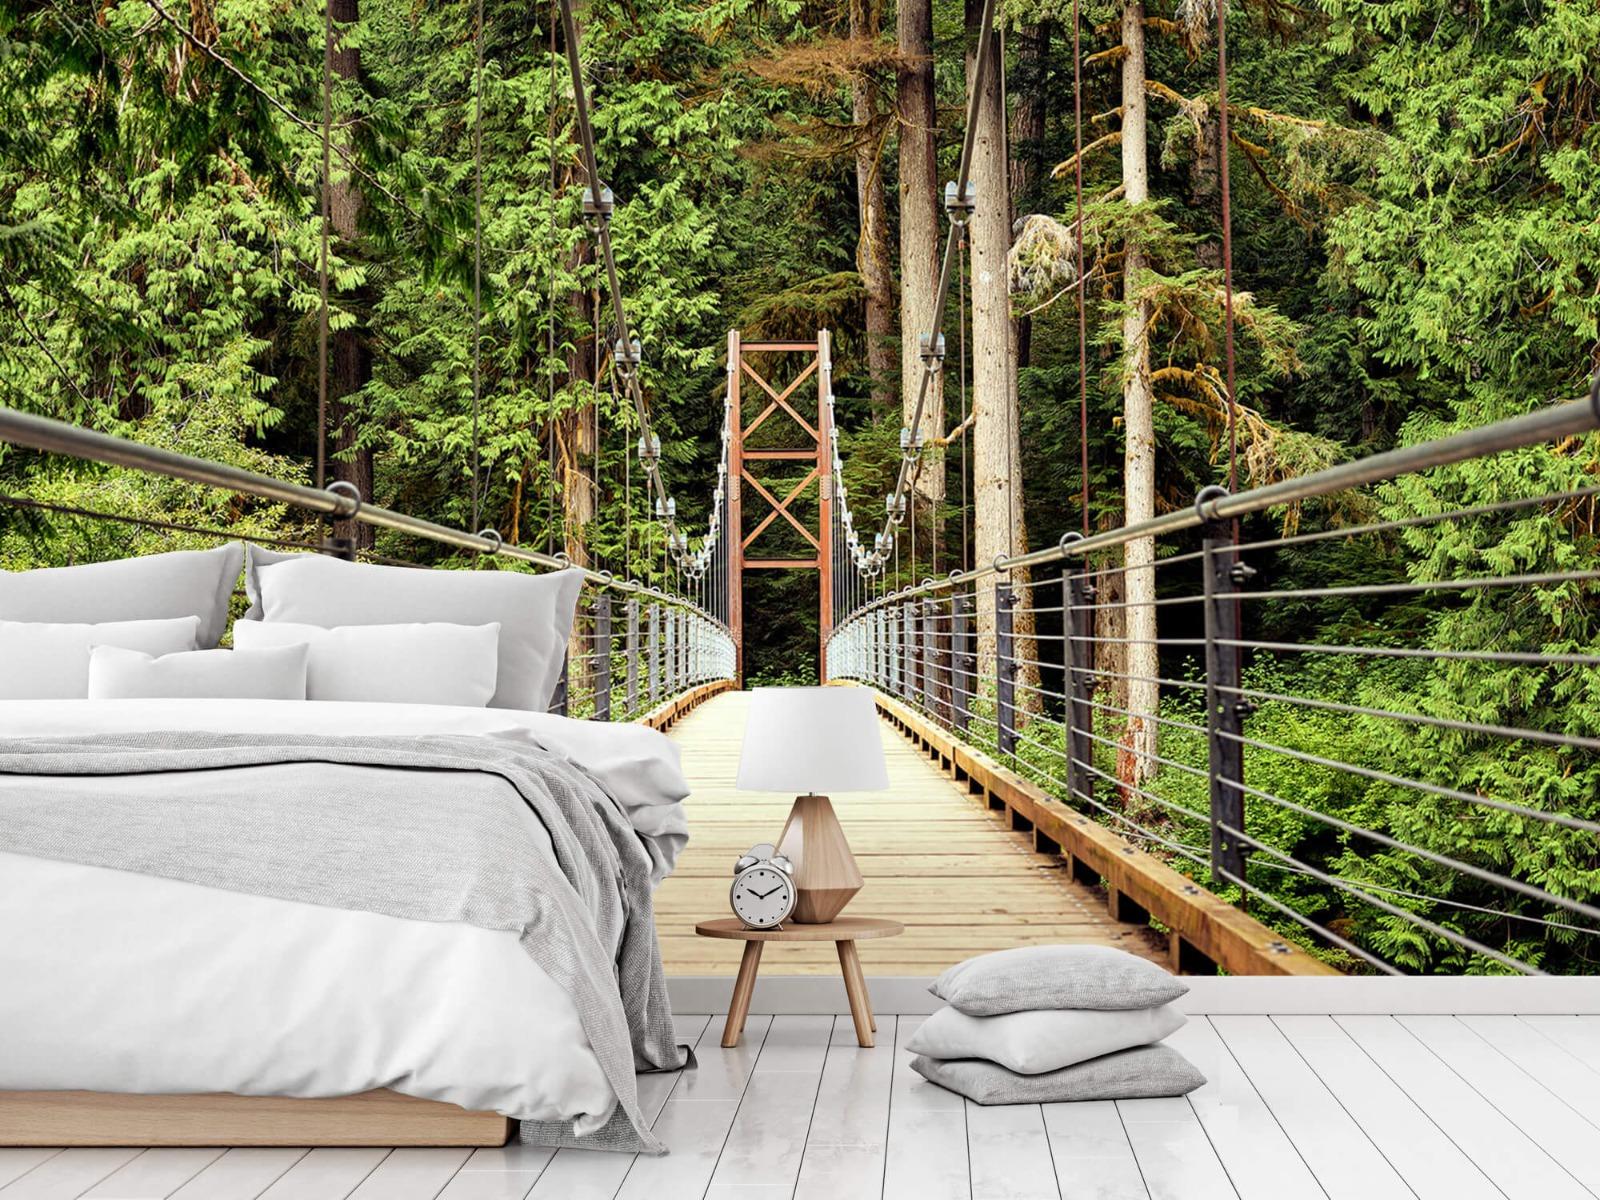 Bos behang - Brug door het bos - Slaapkamer 14